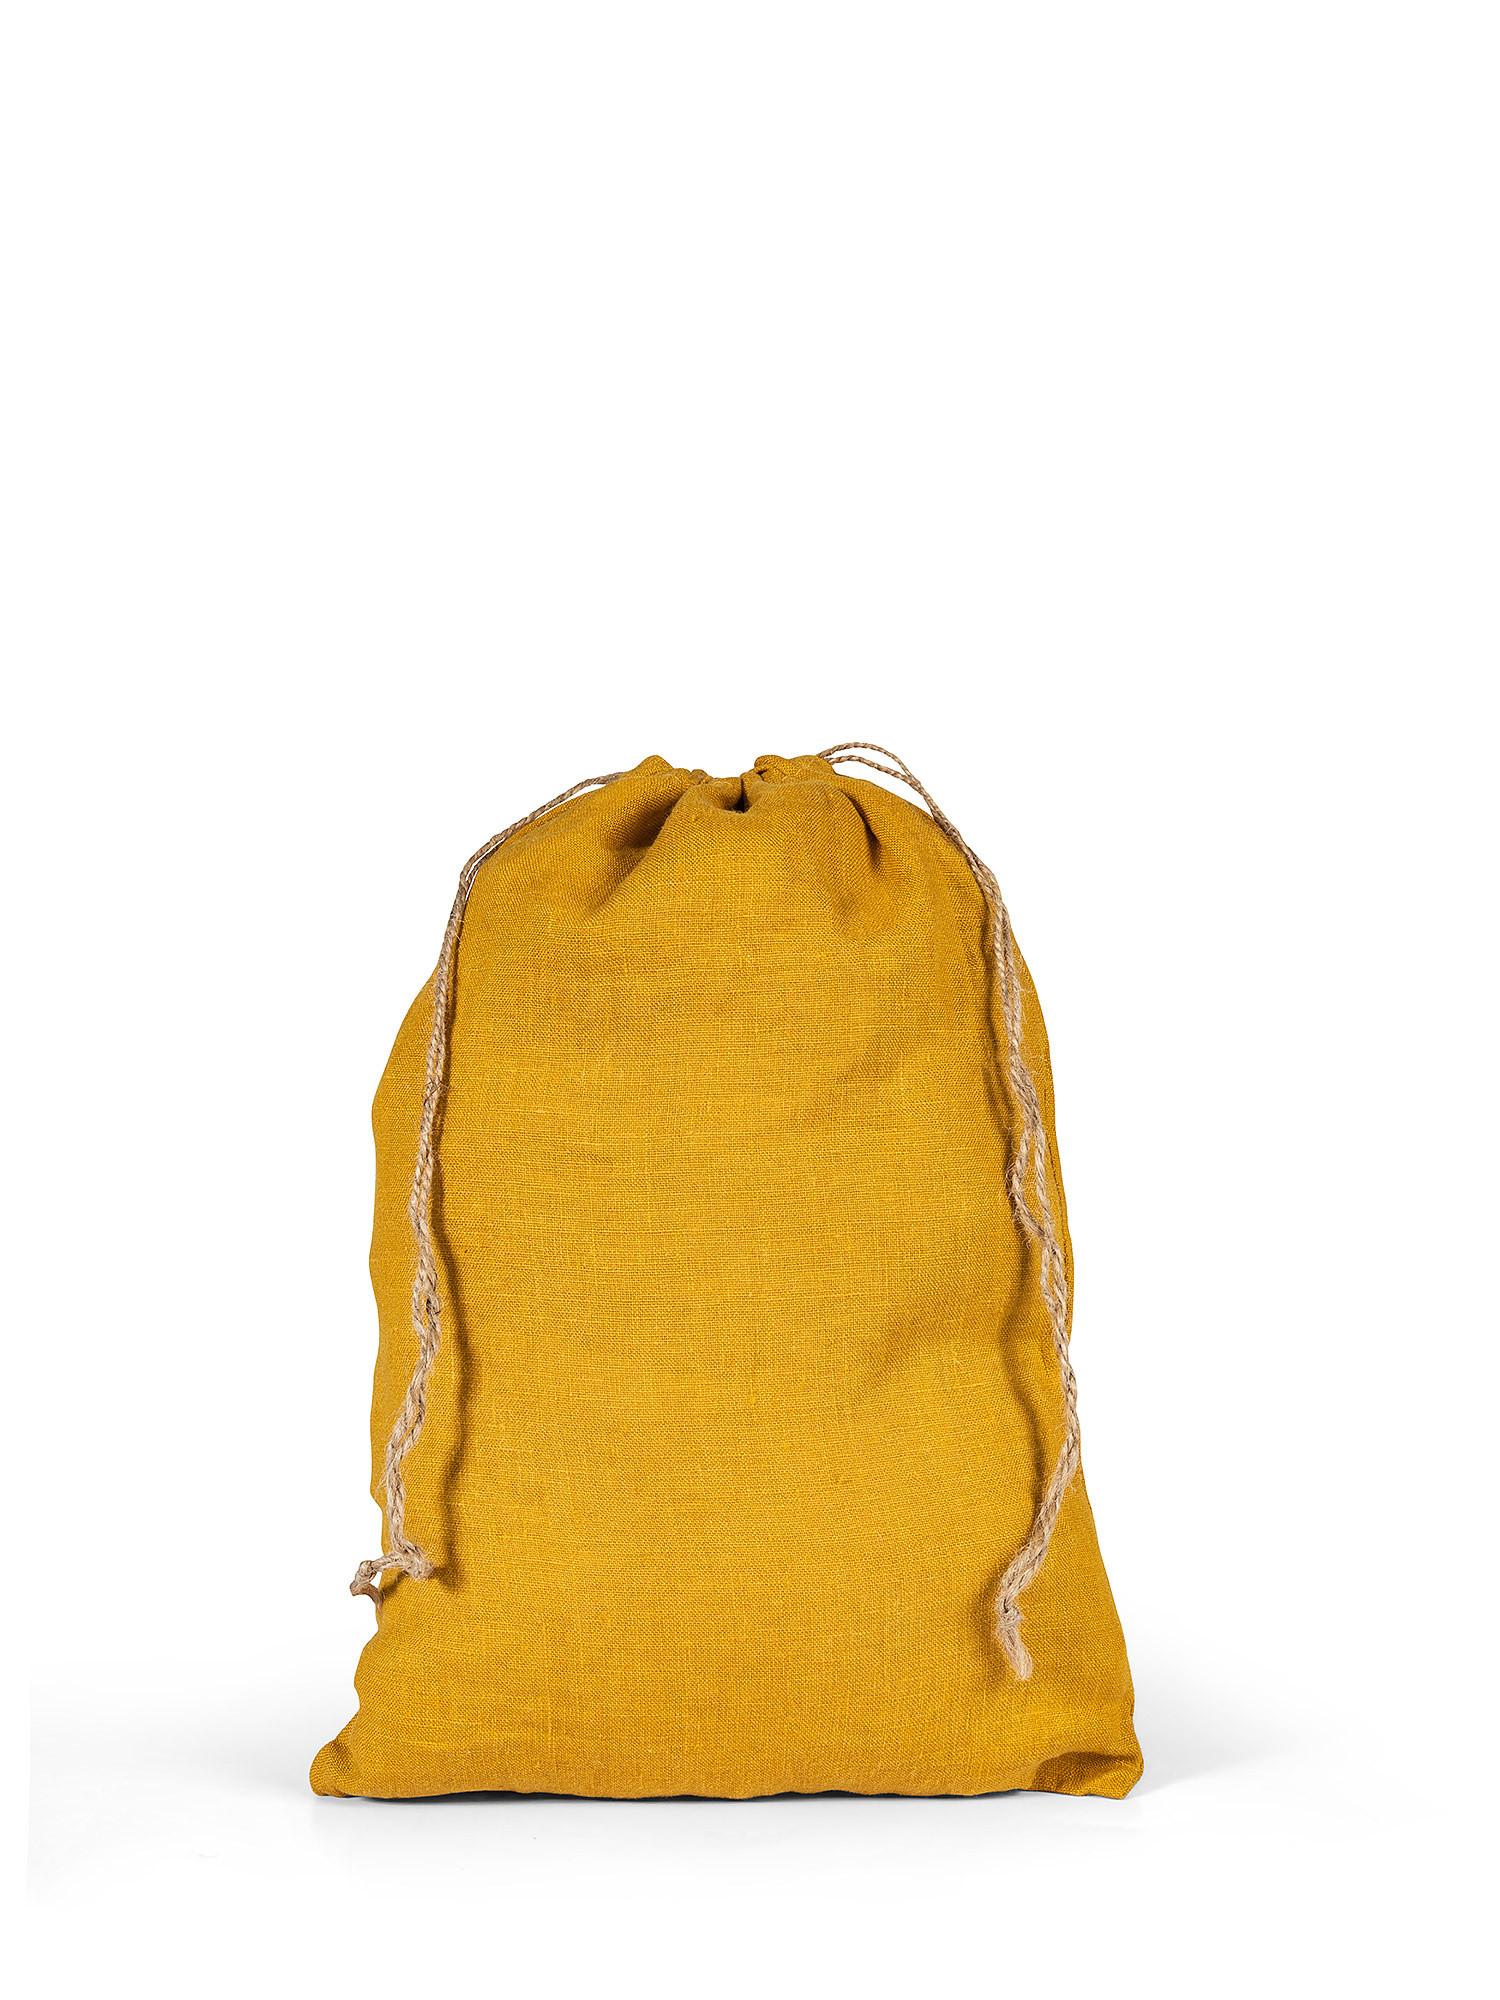 Sacchettino lino lavato tinta unita, Giallo ocra, large image number 0